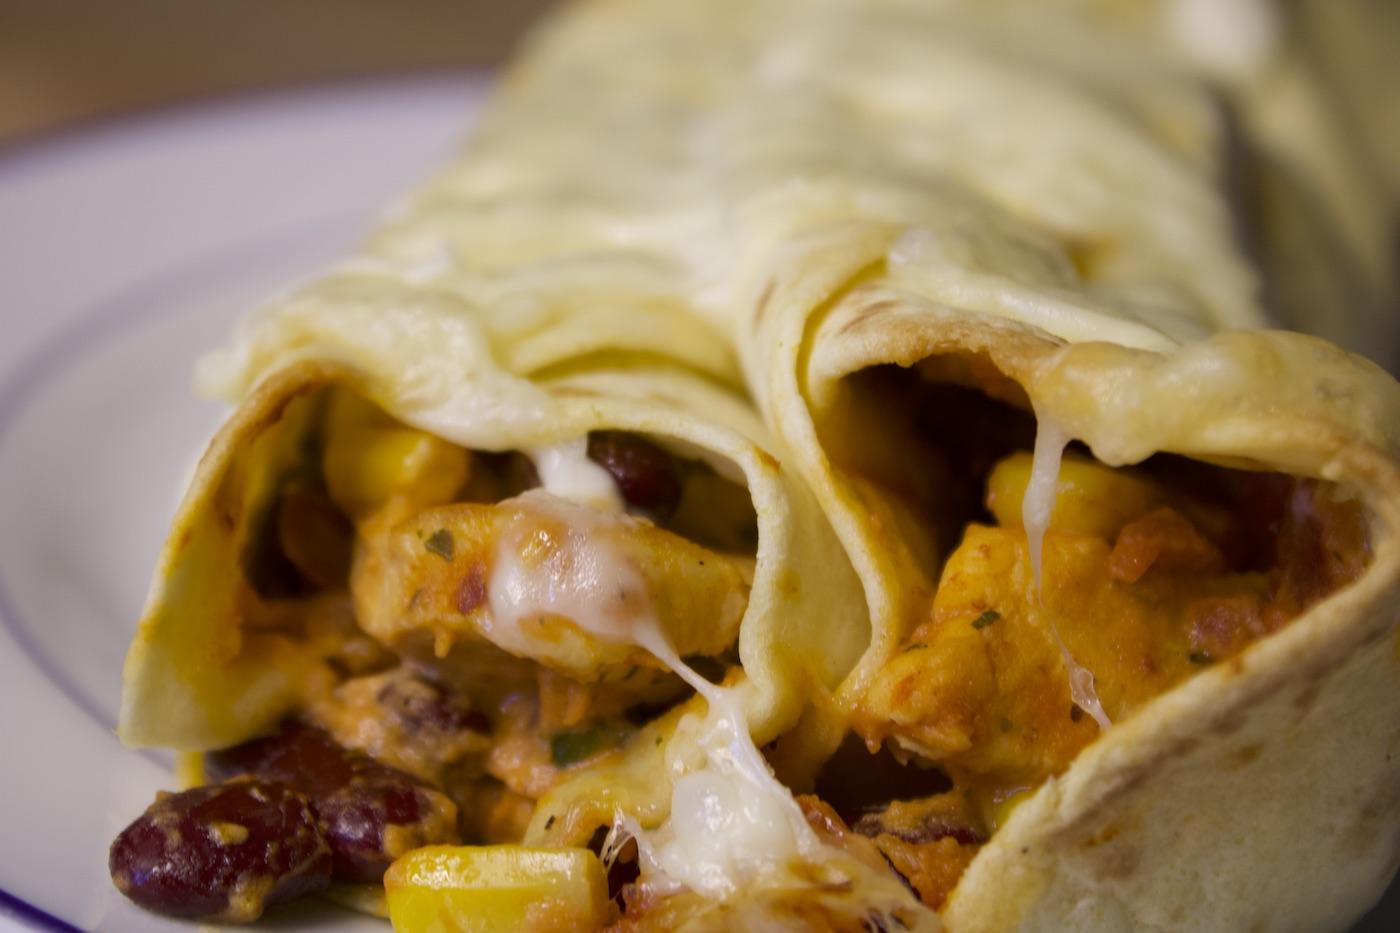 Bild zeigt selbstgemachte Enchiladas mit Käse, Hühnchen und rote Bohnen